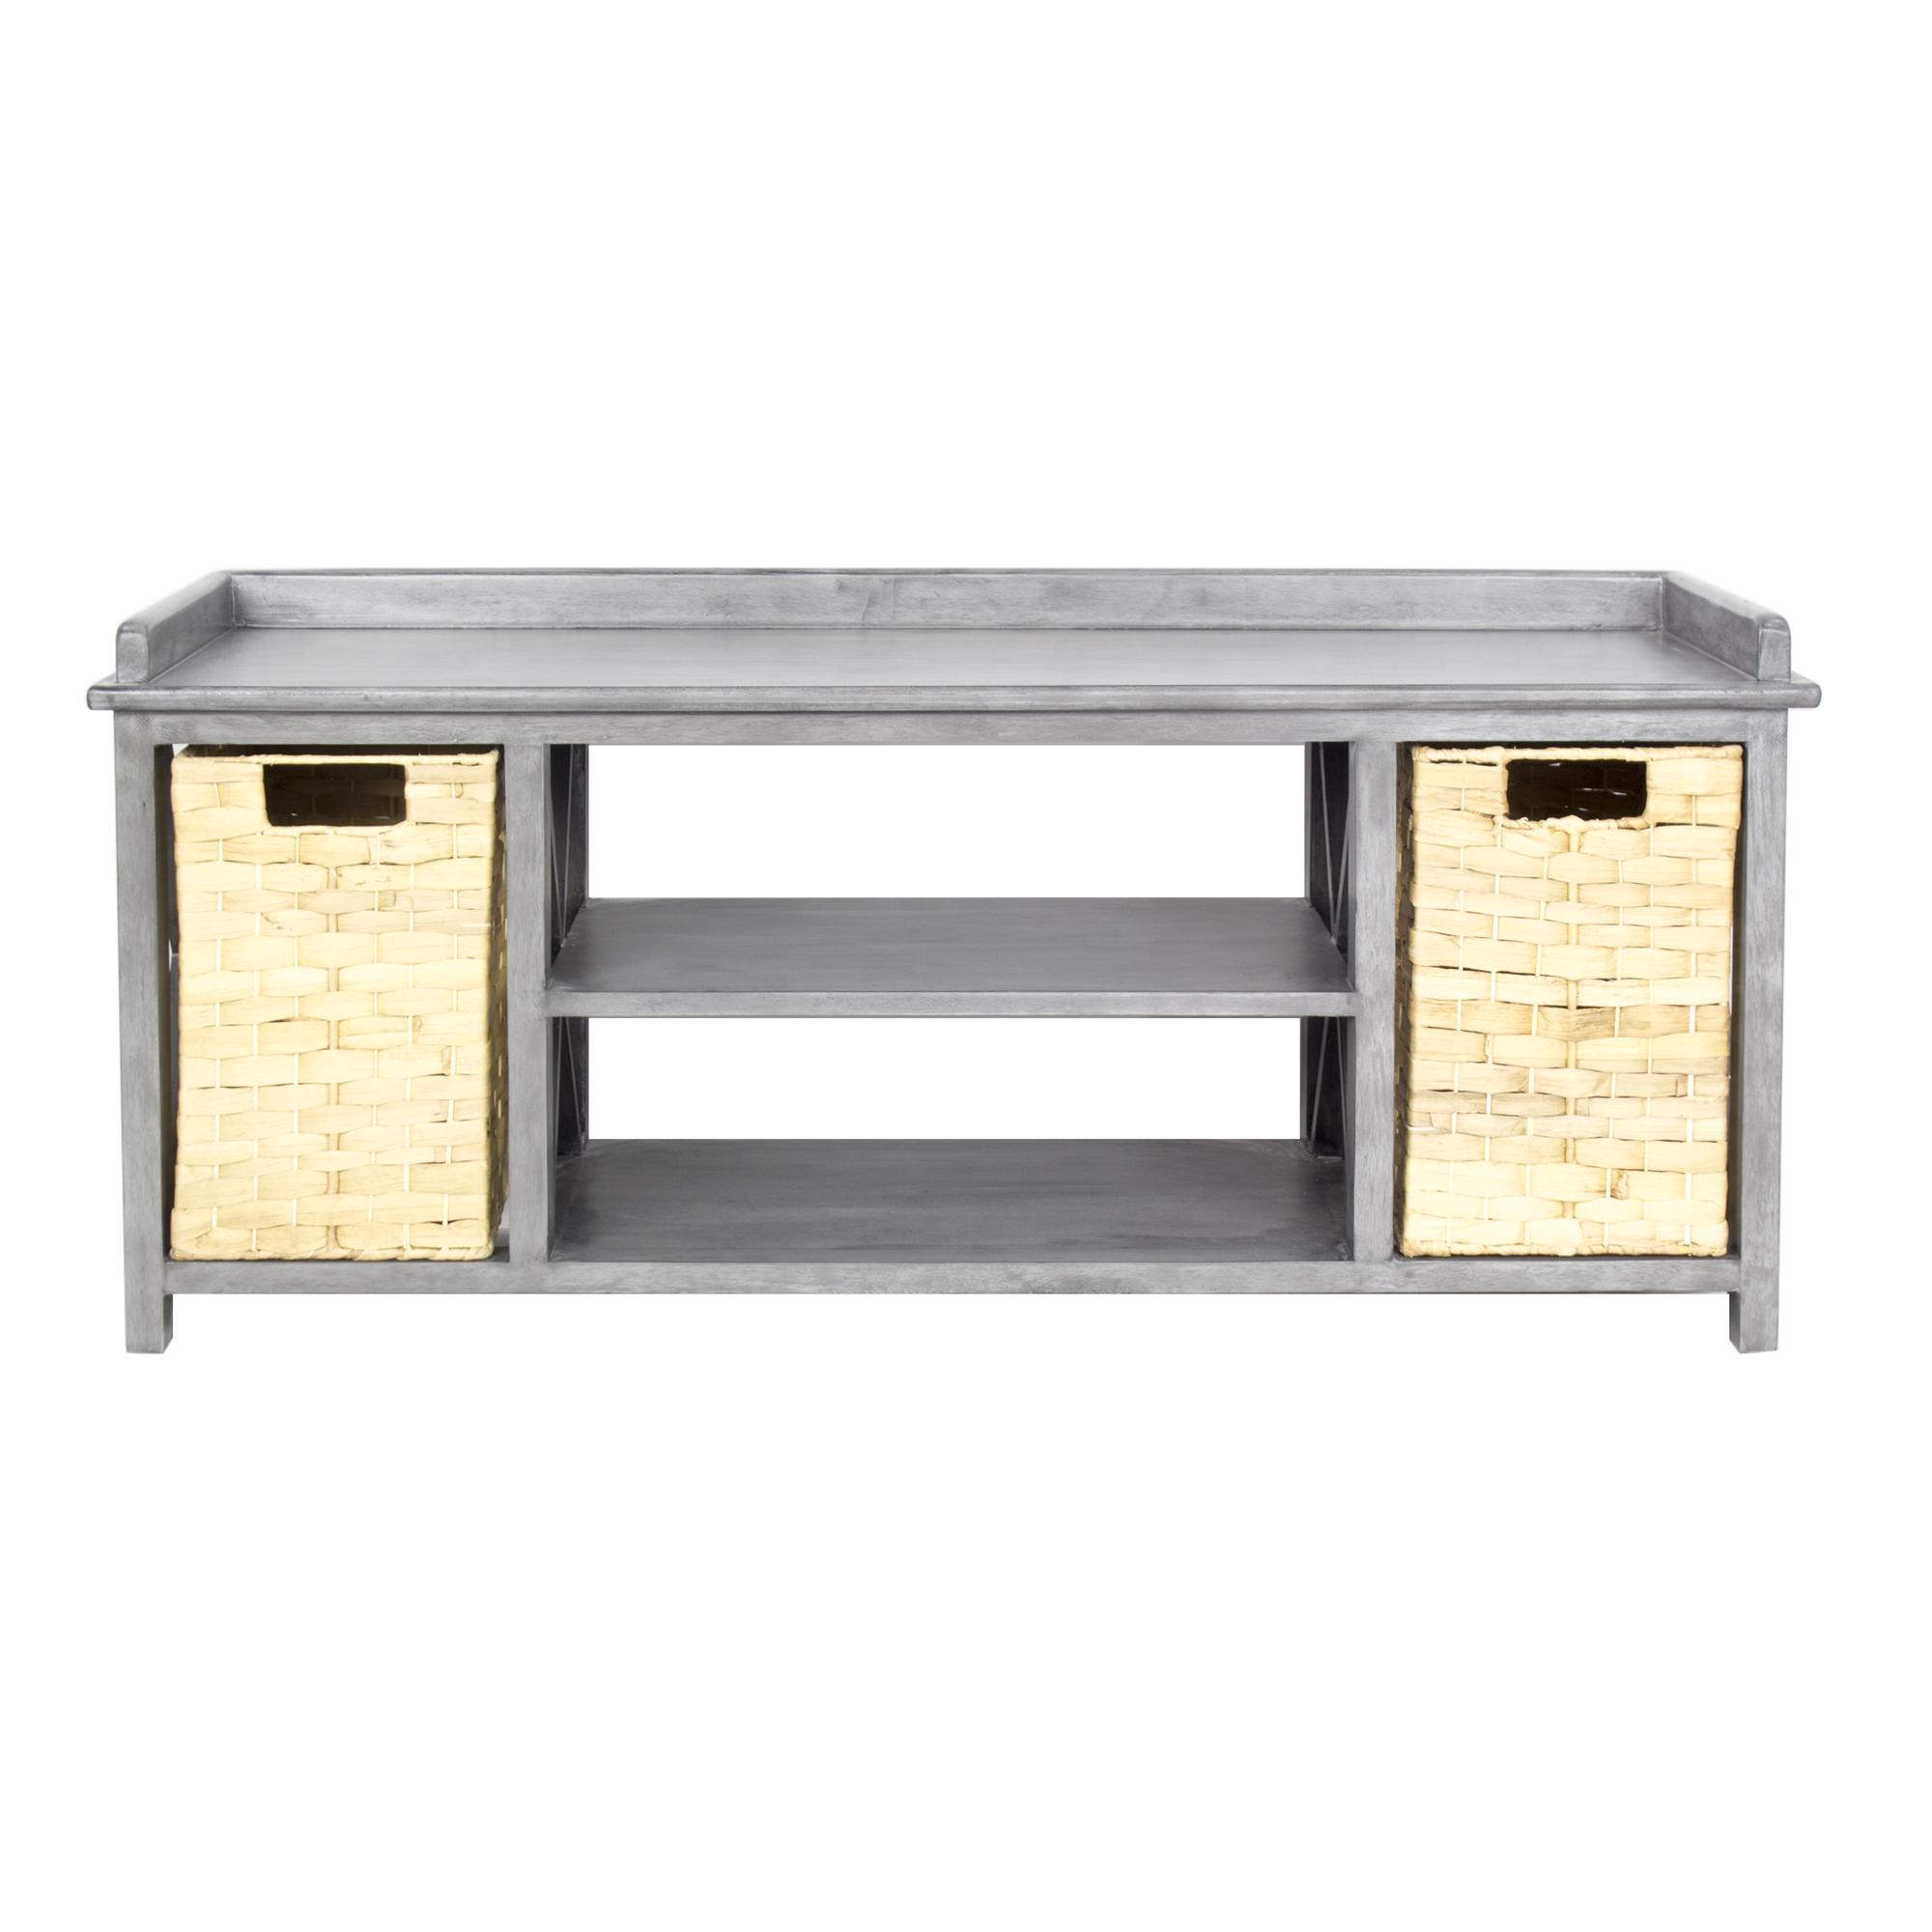 """42"""" X 14.25"""" X 18"""" Gray MDF Rattan Skin Storage Bench with Baskets"""